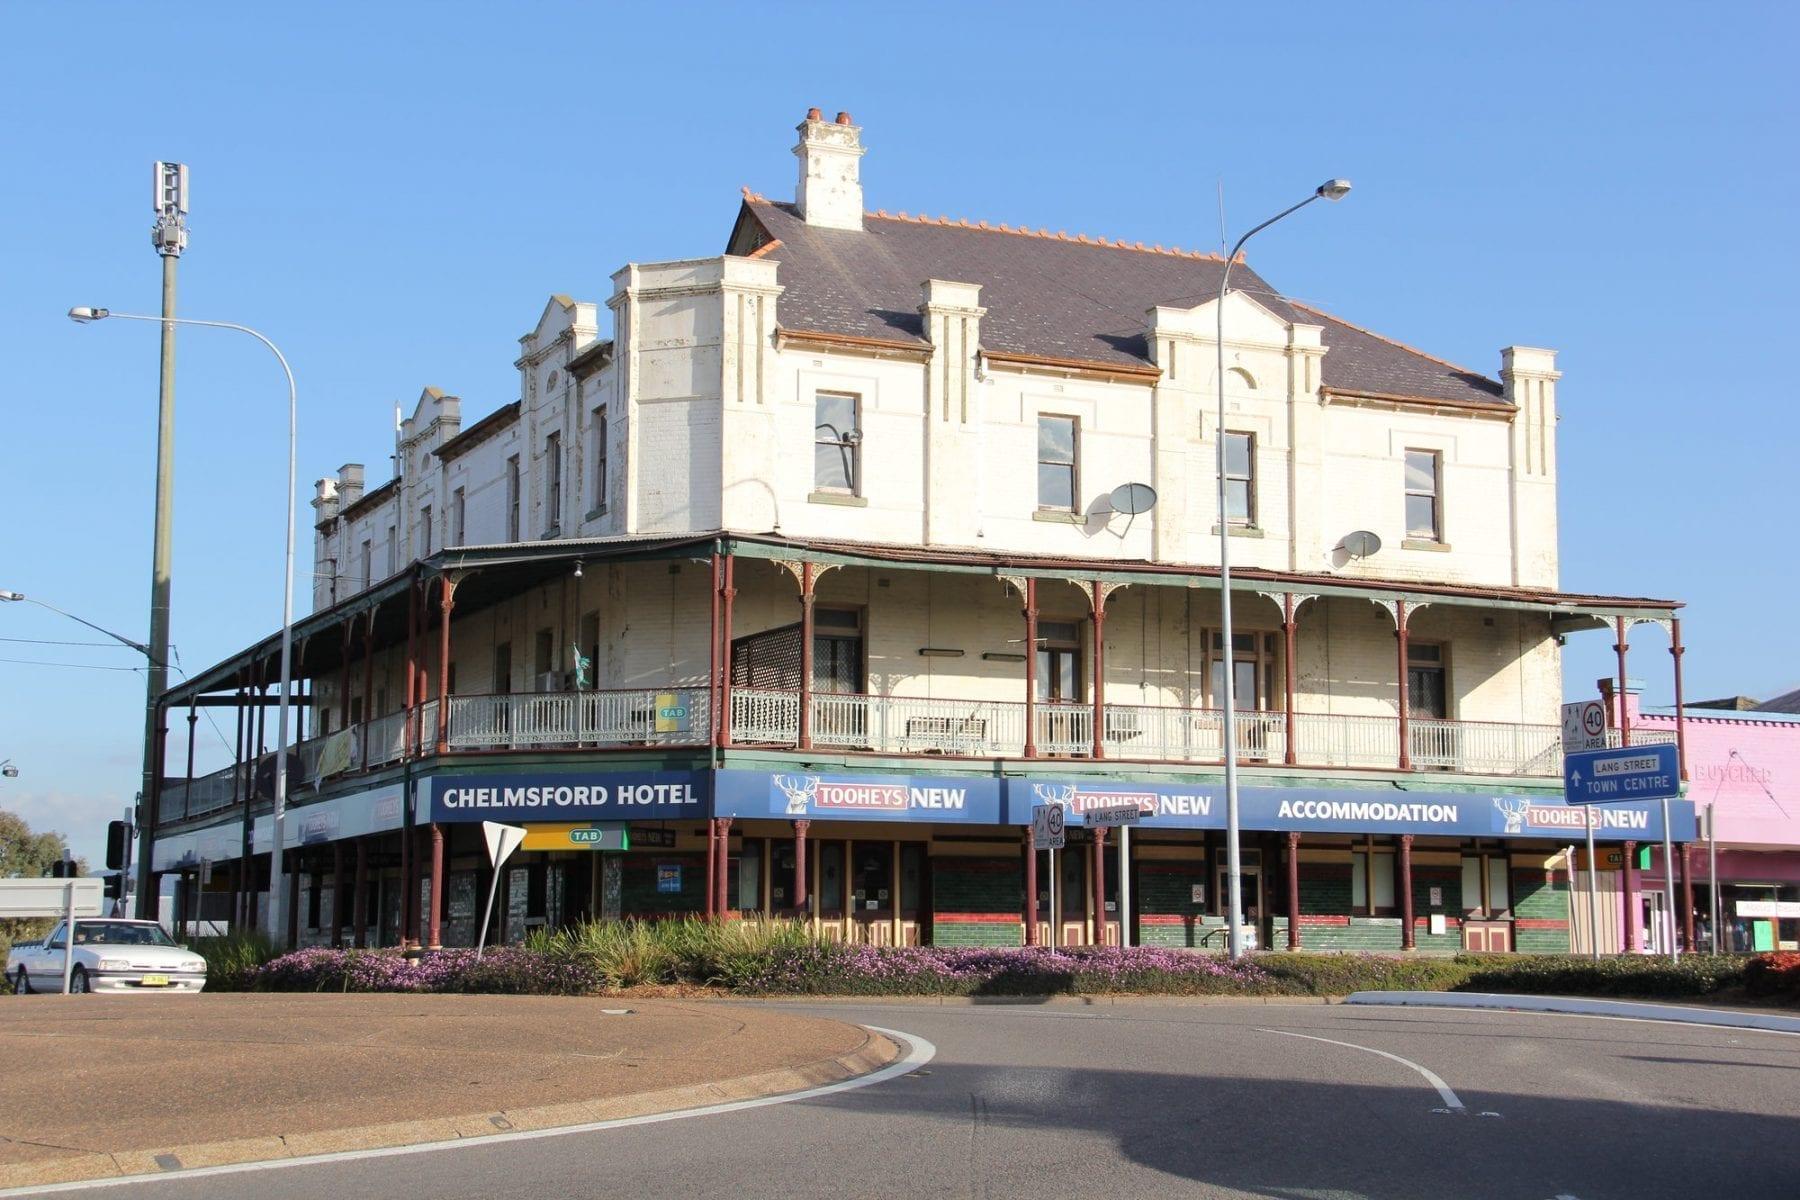 Chelmsford Hotel, Kurri Kurri, NSW